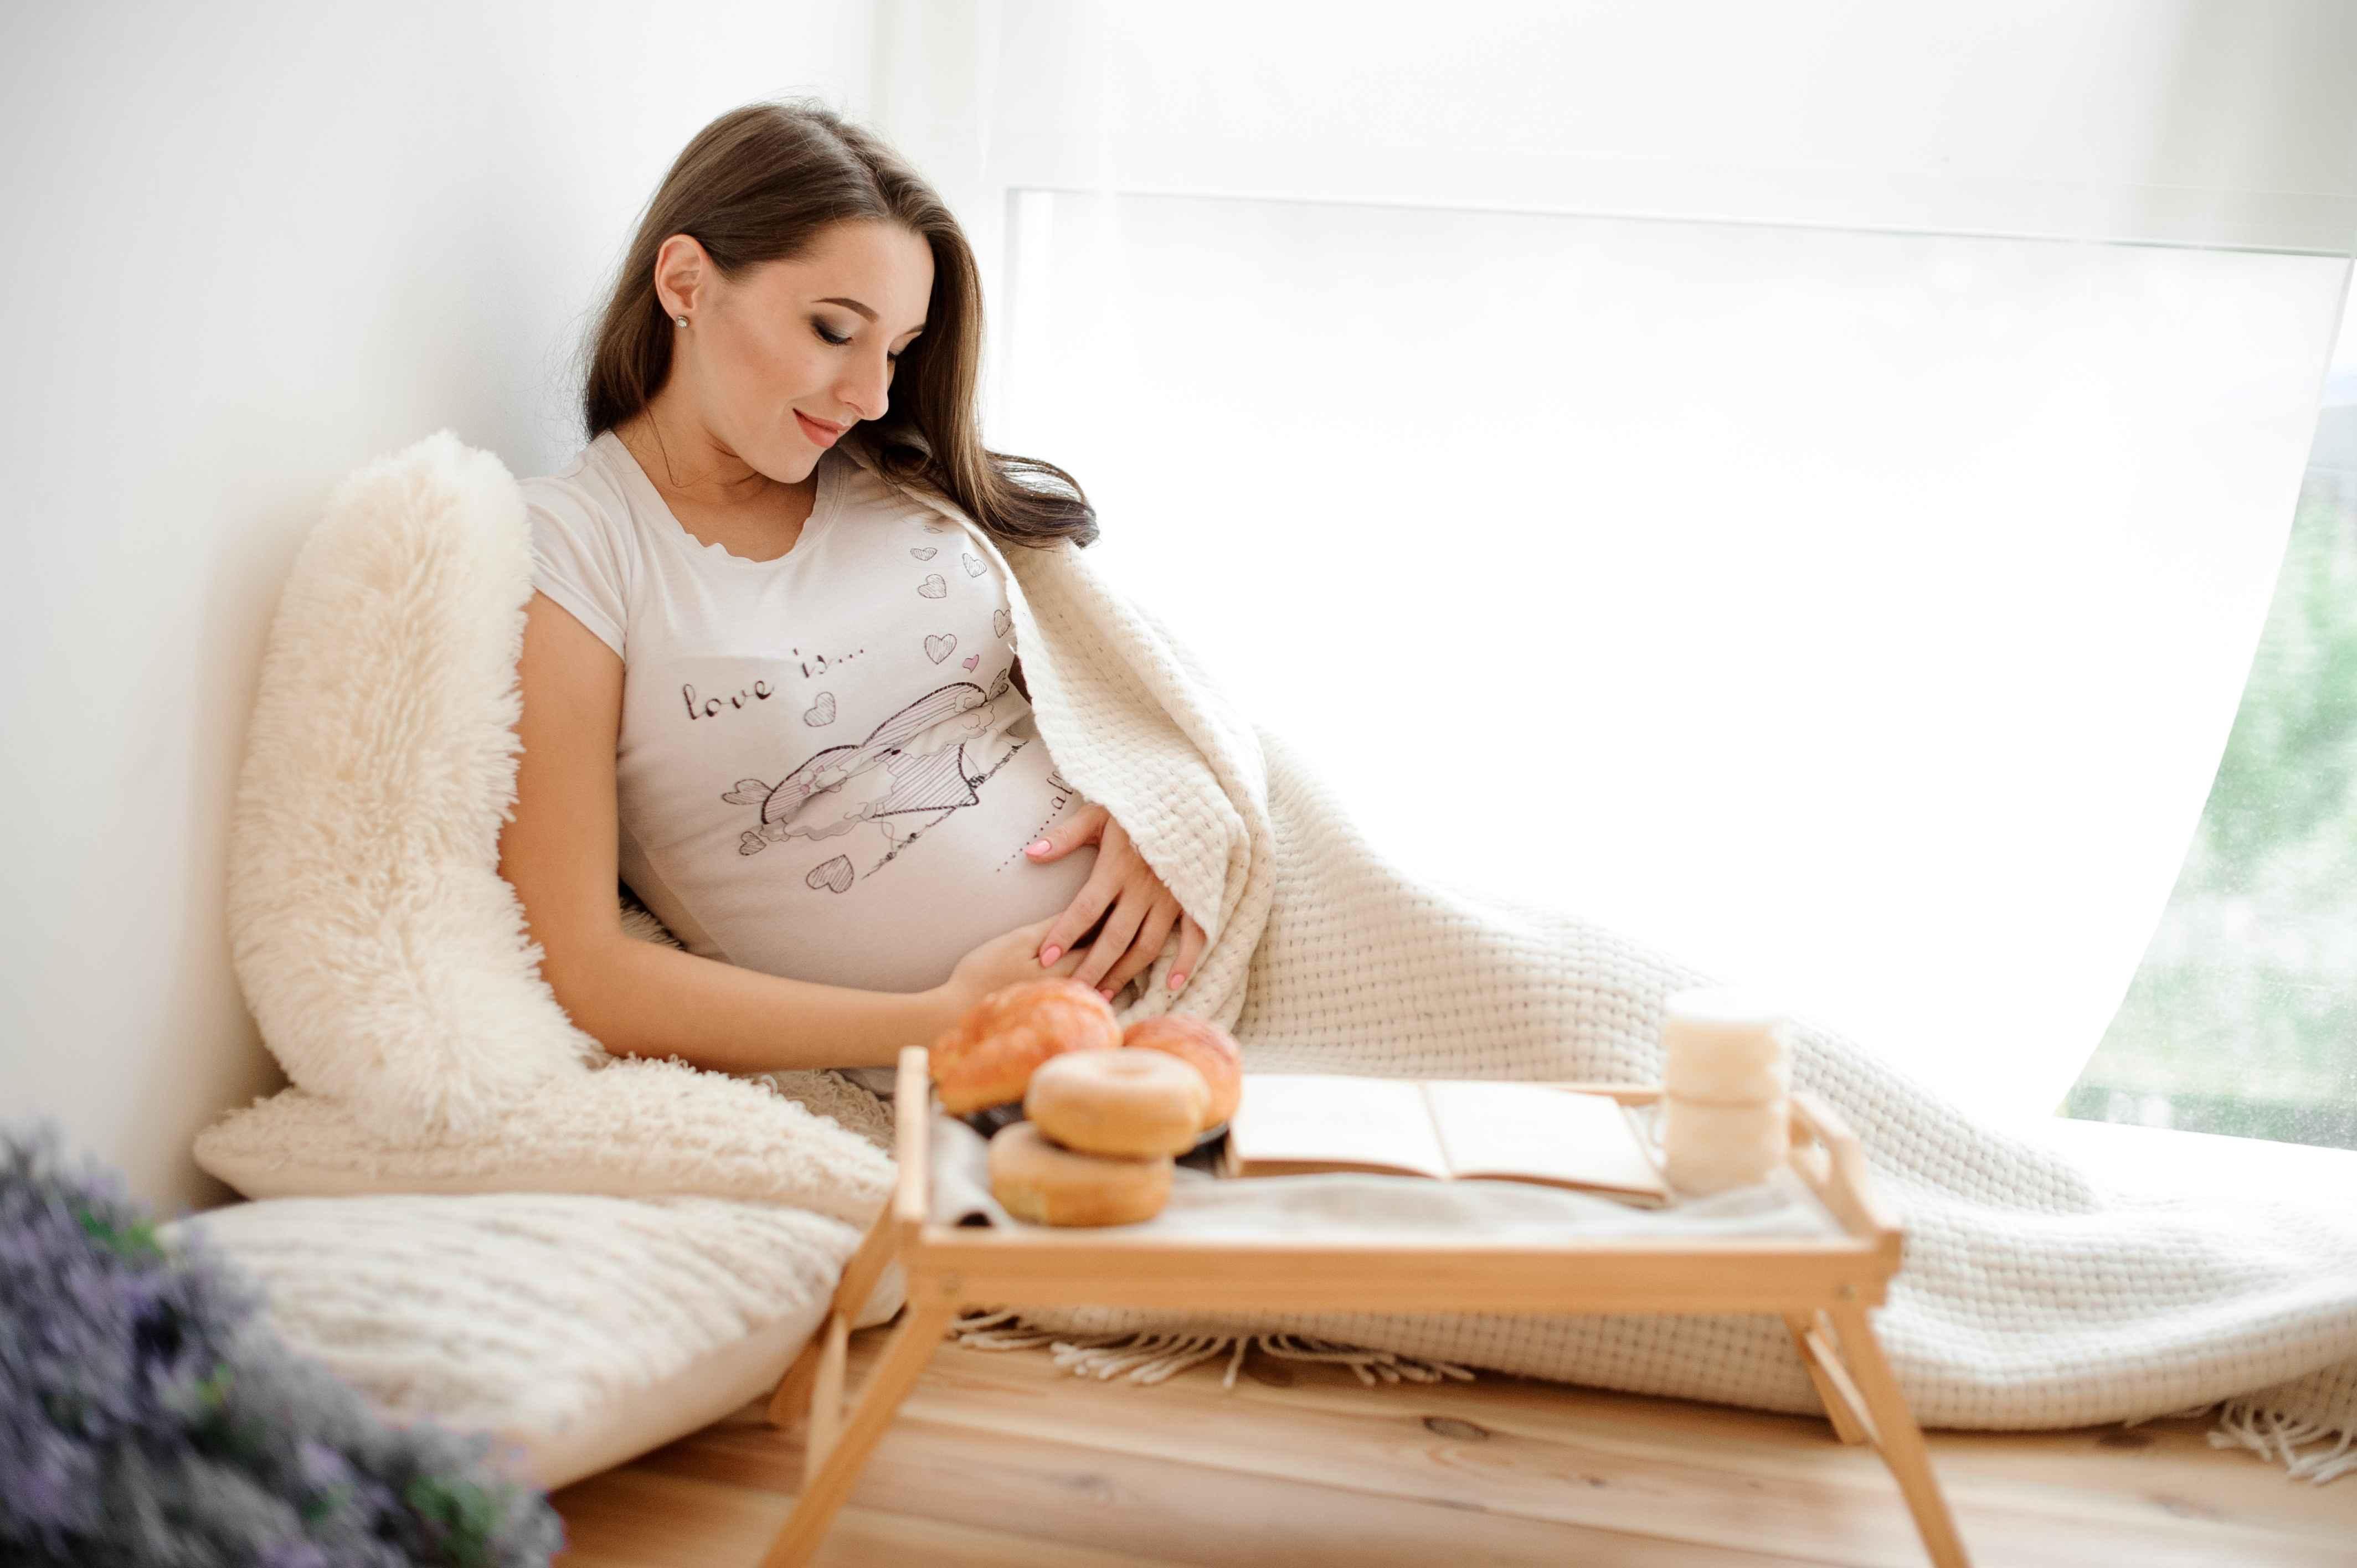 胎教不是越多越好,媽媽們要避免這些誤區!